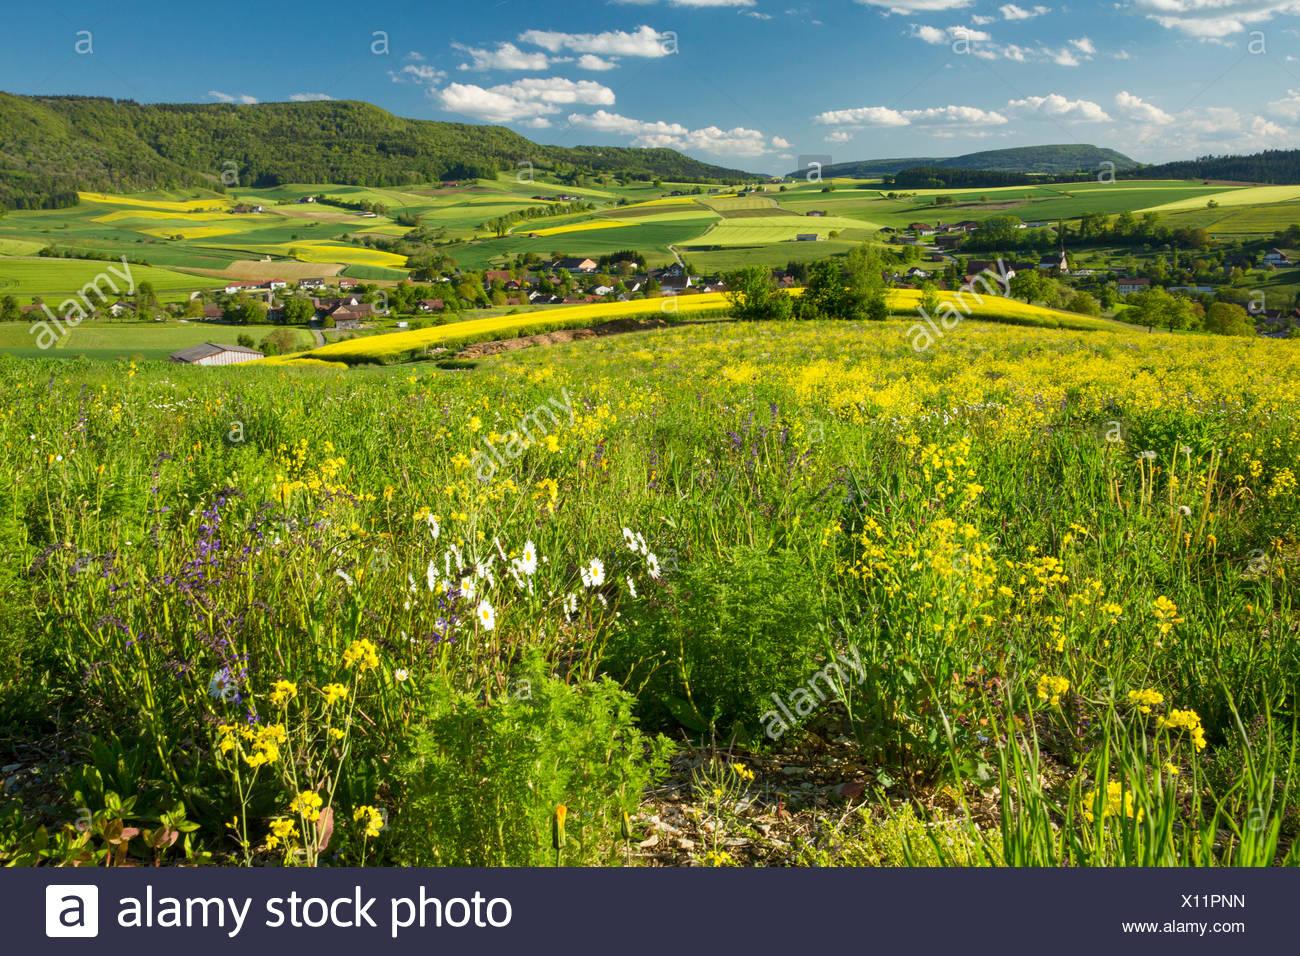 Randen, ruvida pascolo, Beggingen, molla, Canton, SH, Sciaffusa, fiori, fiori, paesaggio, paesaggio, agricoltura, prato, Sw Immagini Stock